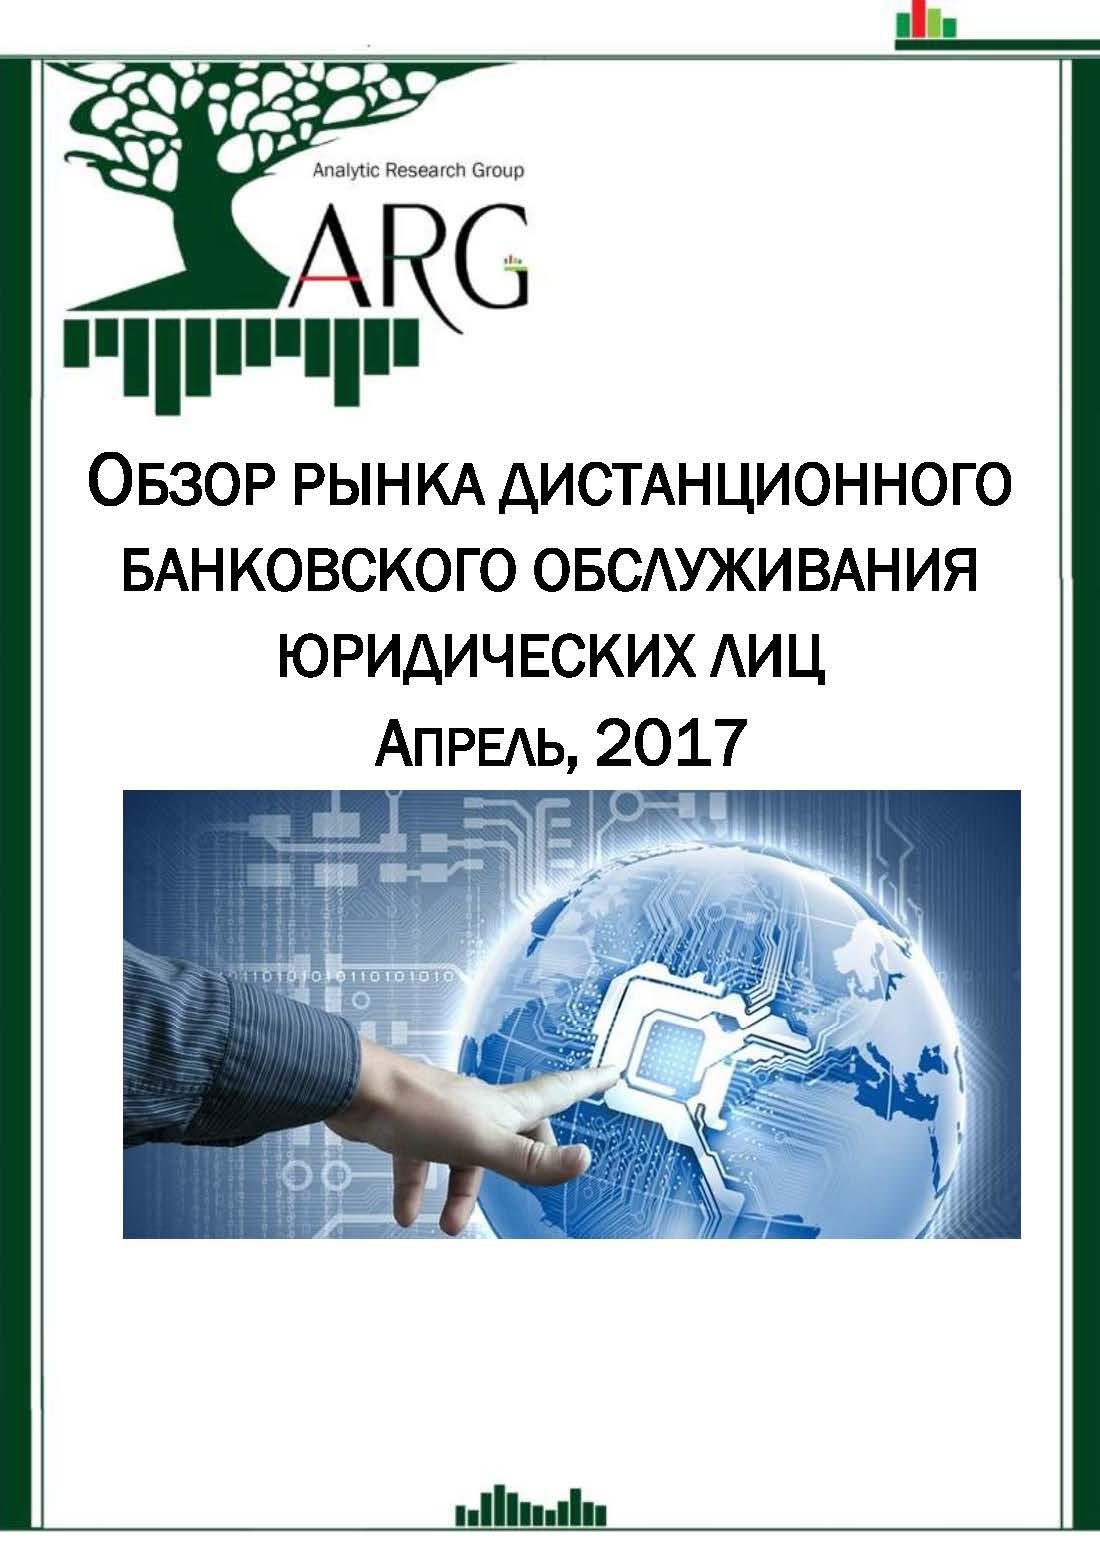 Дистанционное обслуживание физических лиц, ЮниКредит Банк